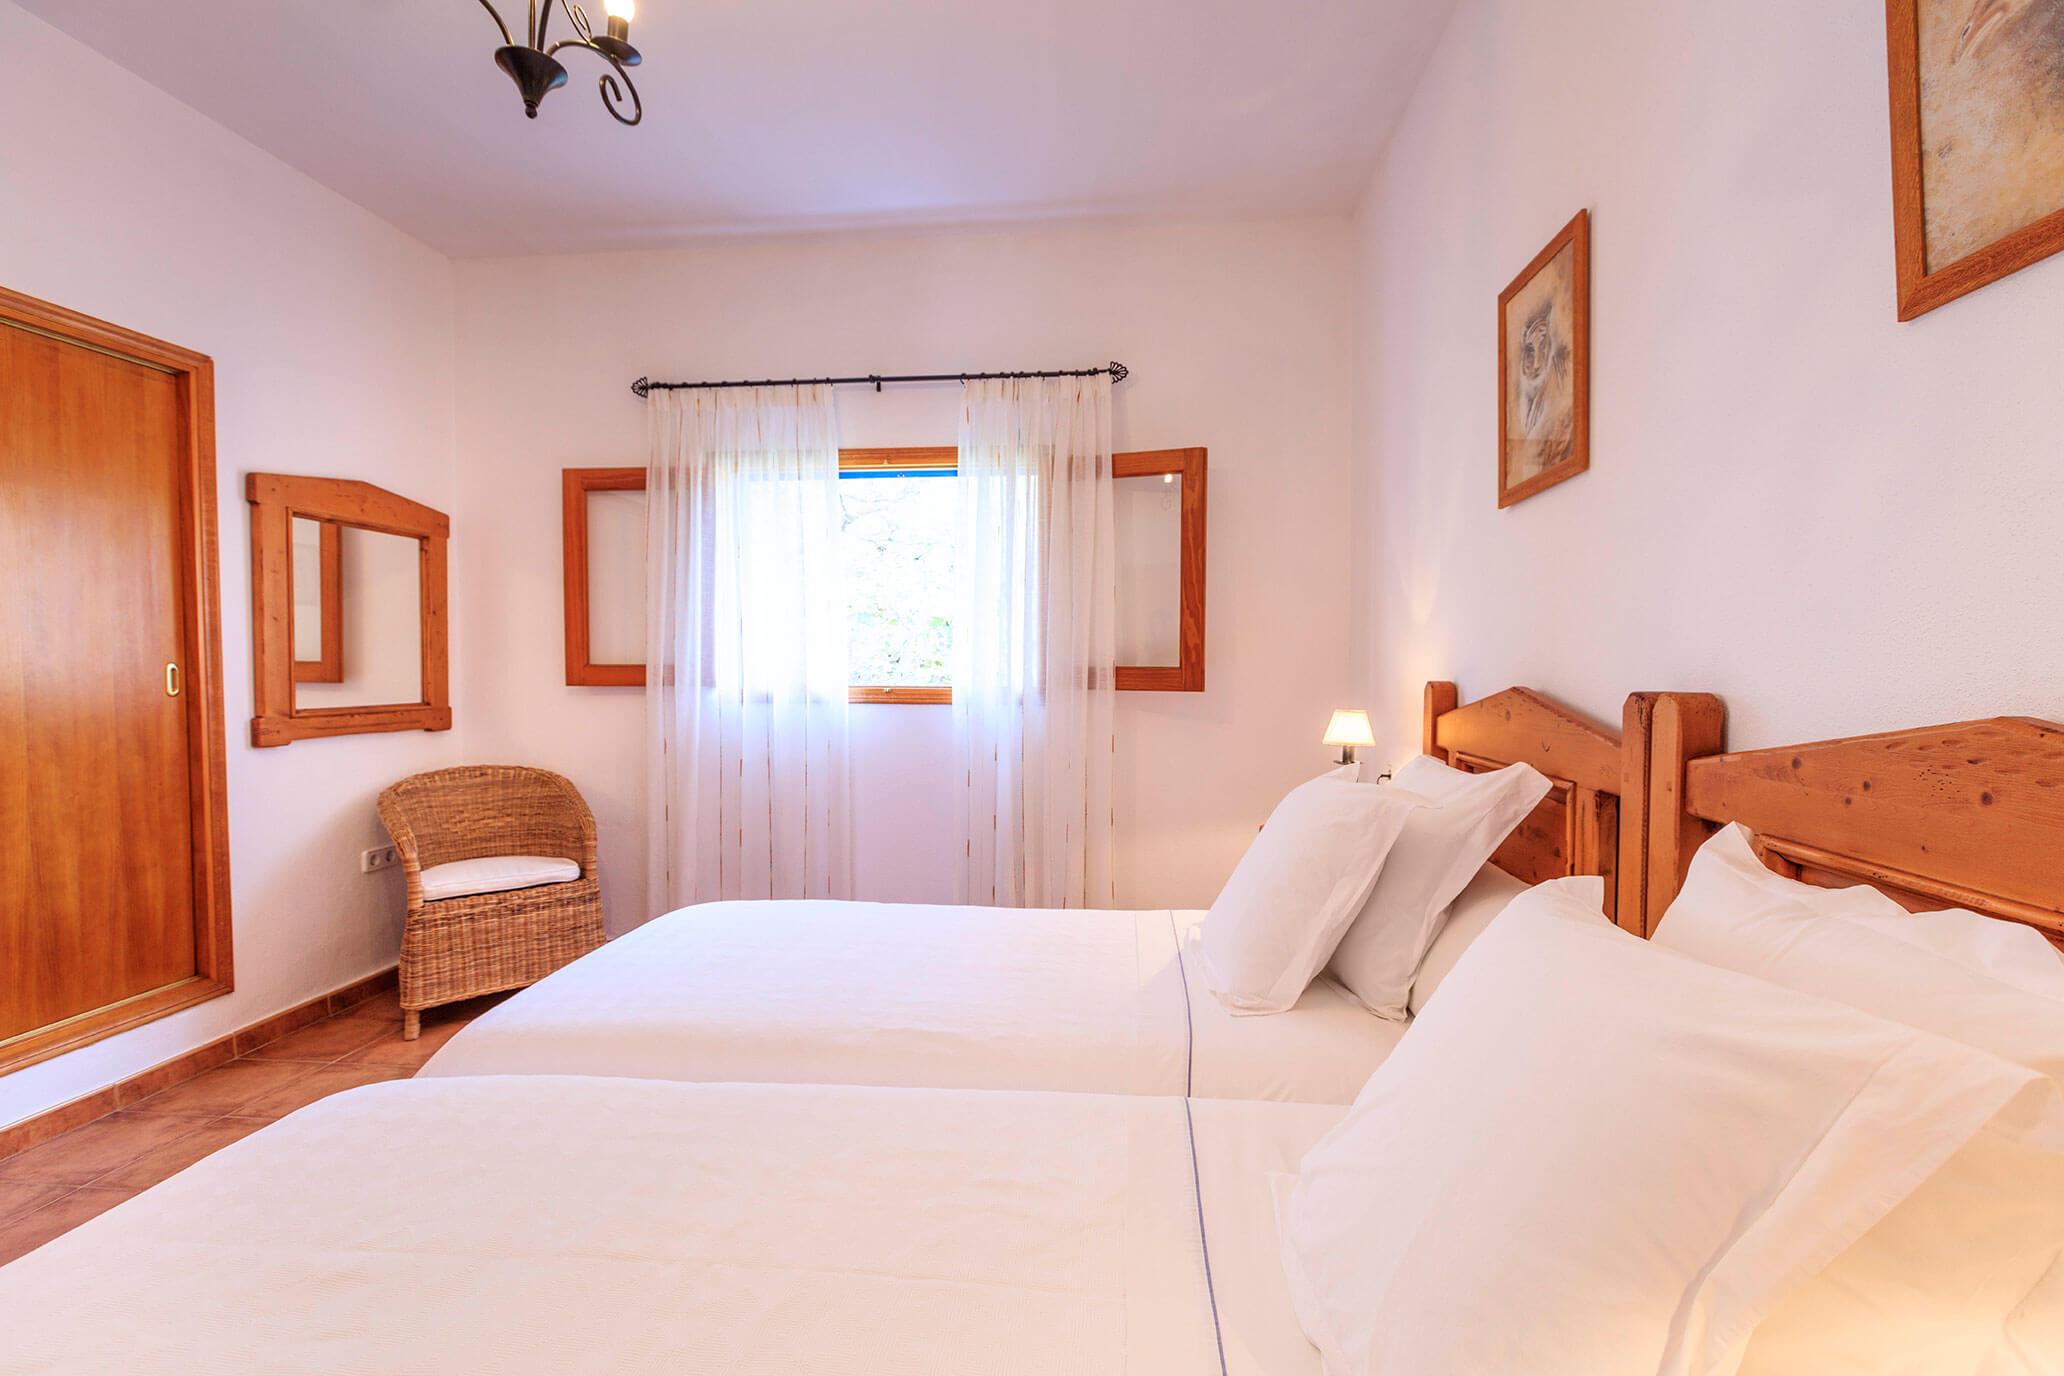 Casa rural en Formentera con habitación doble. Alojamientos turísticos Cardona